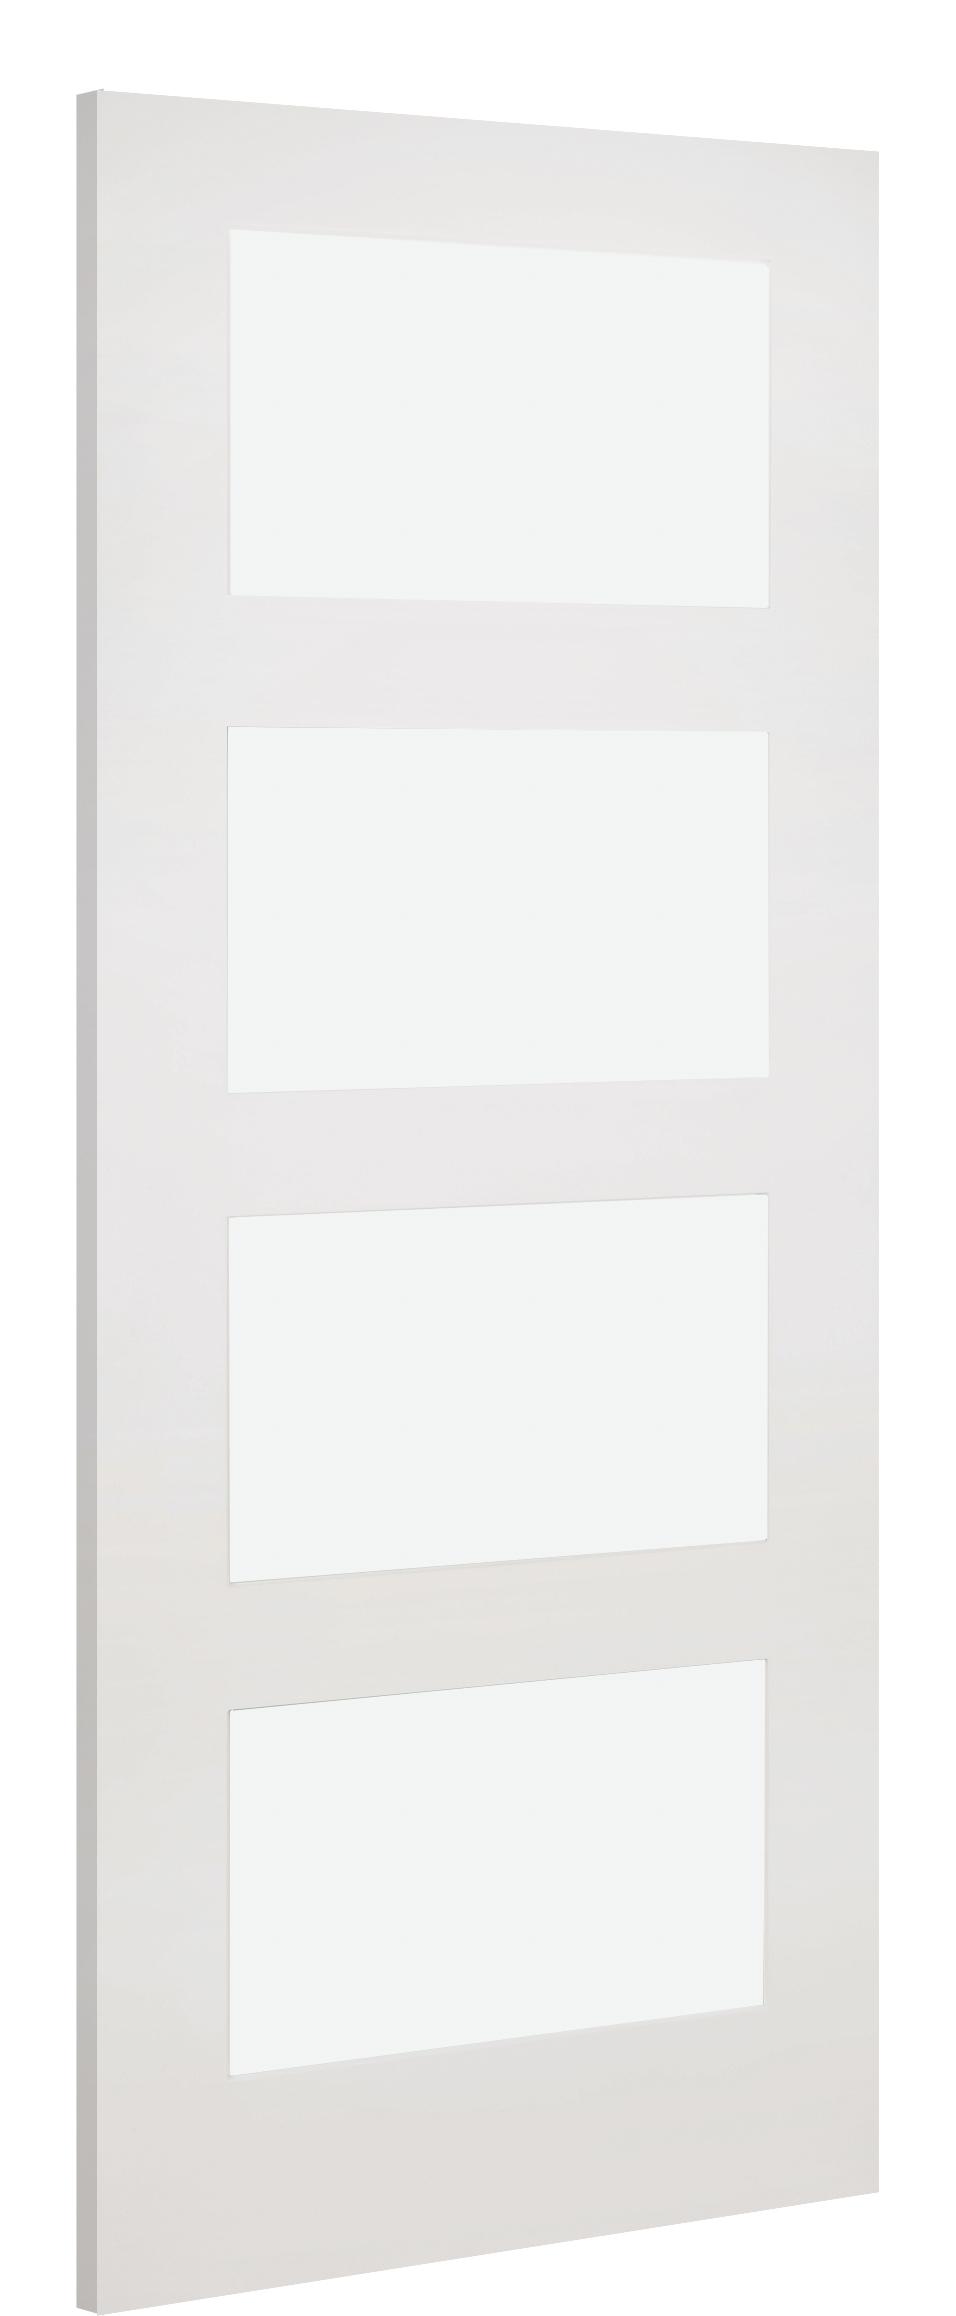 Primed Doors HP1G